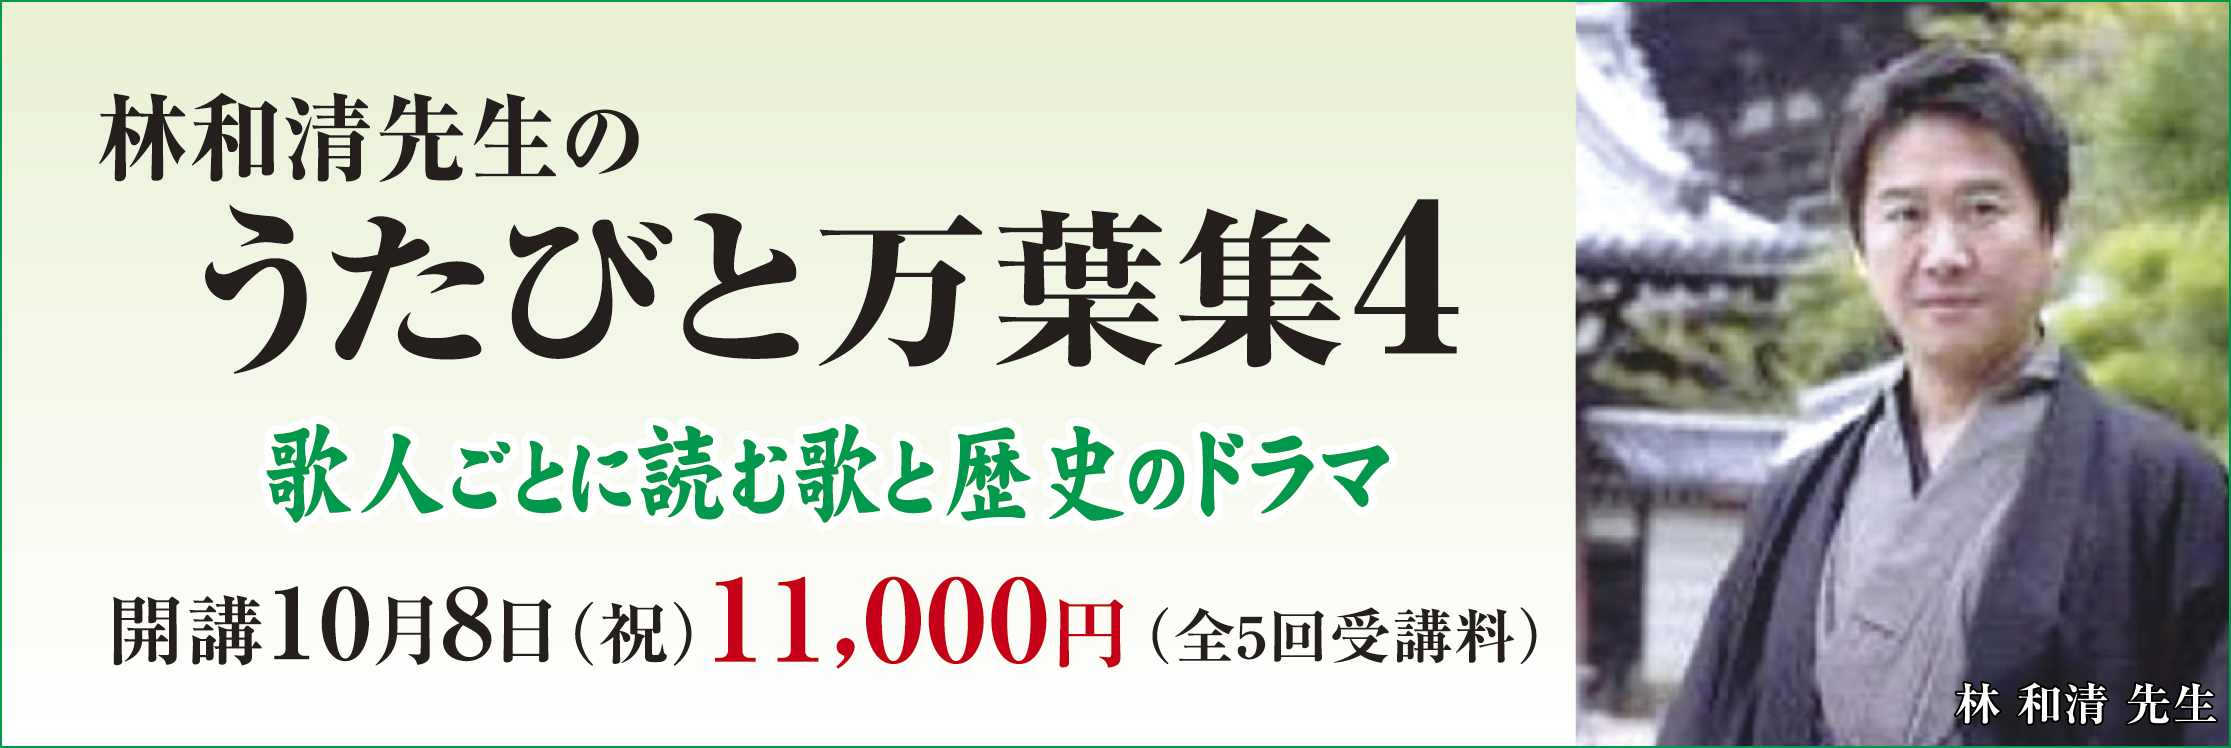 林和清先生の うたびと万葉集4 <...